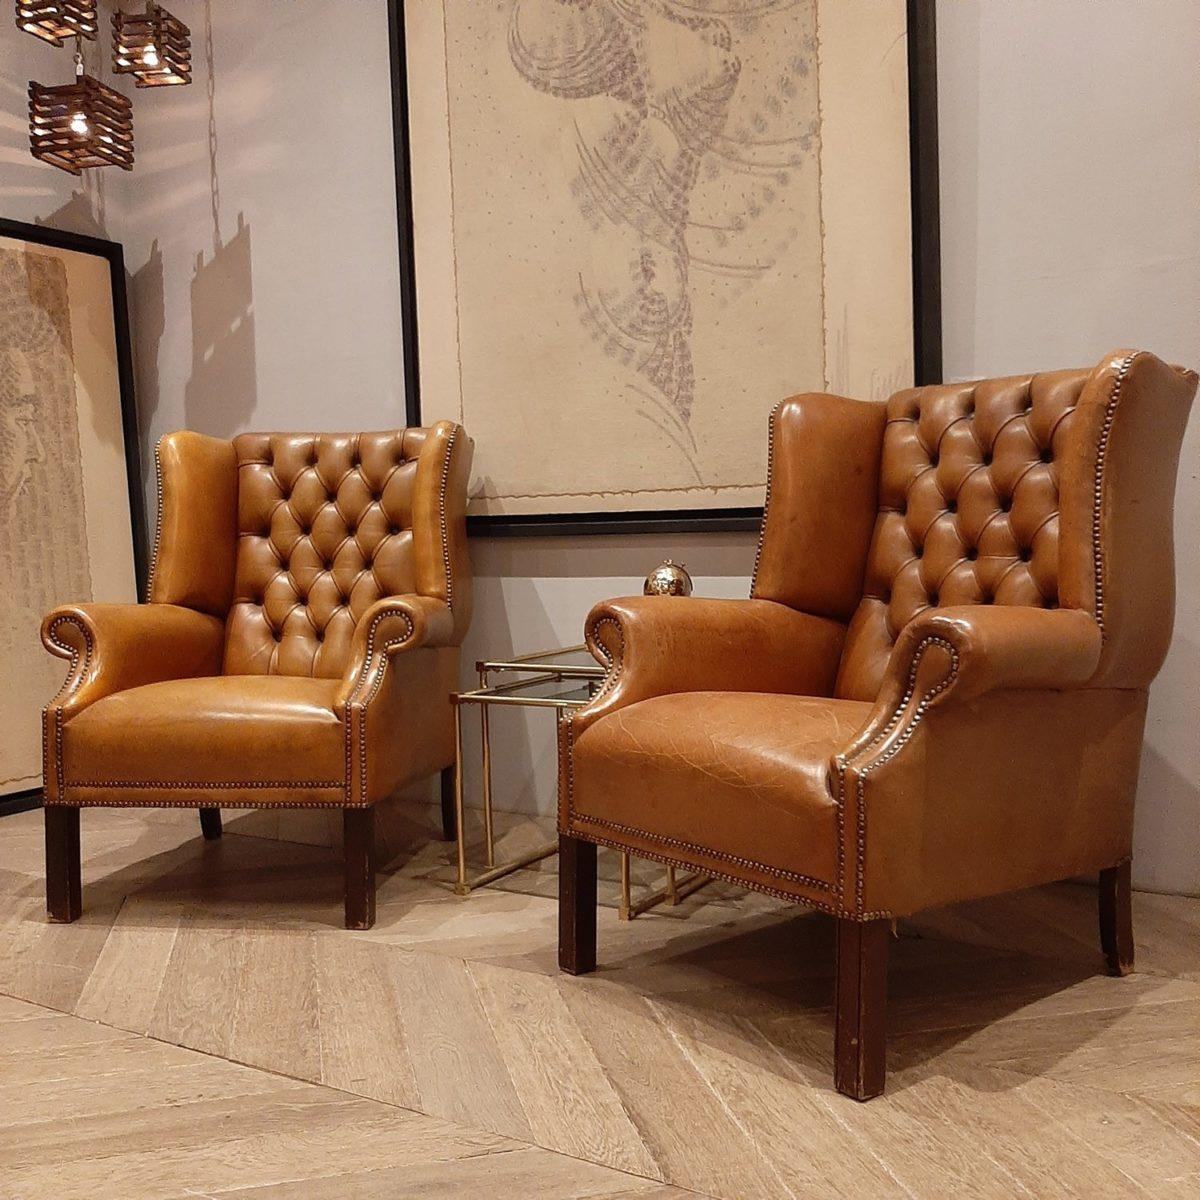 Leren Fauteuil Cognac Kleur.Paar Luxe Cognac Kleurige Lederen Vintage Fauteuils Piet Jonker